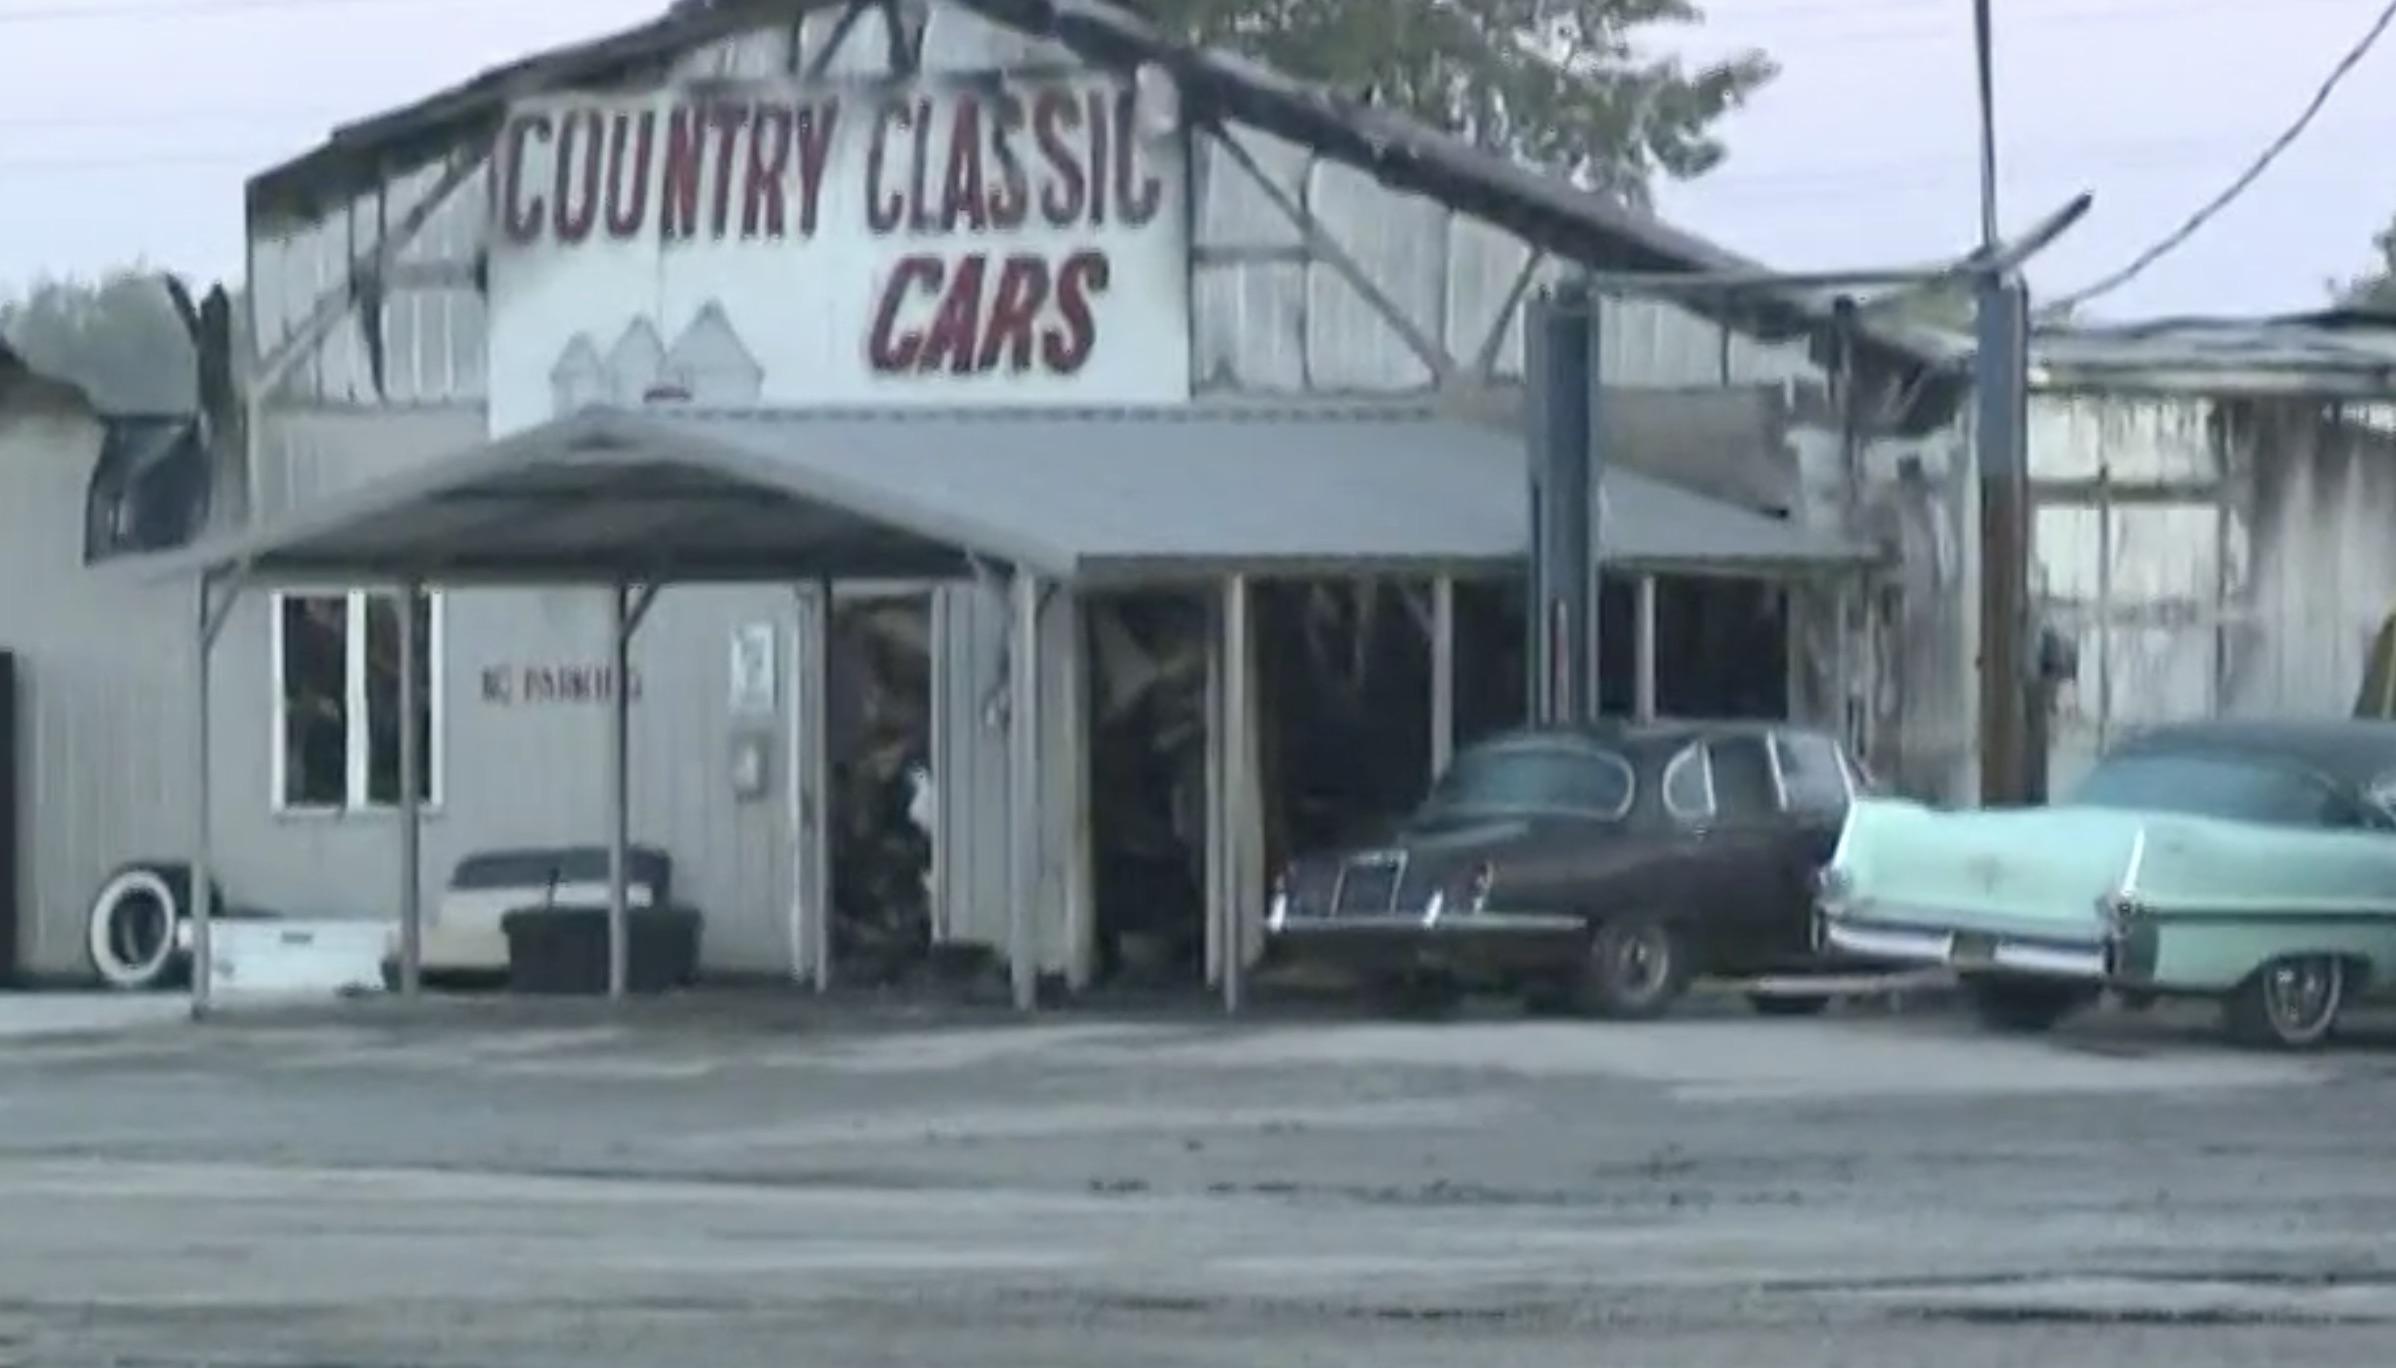 Classic Car Dealership In Illinois